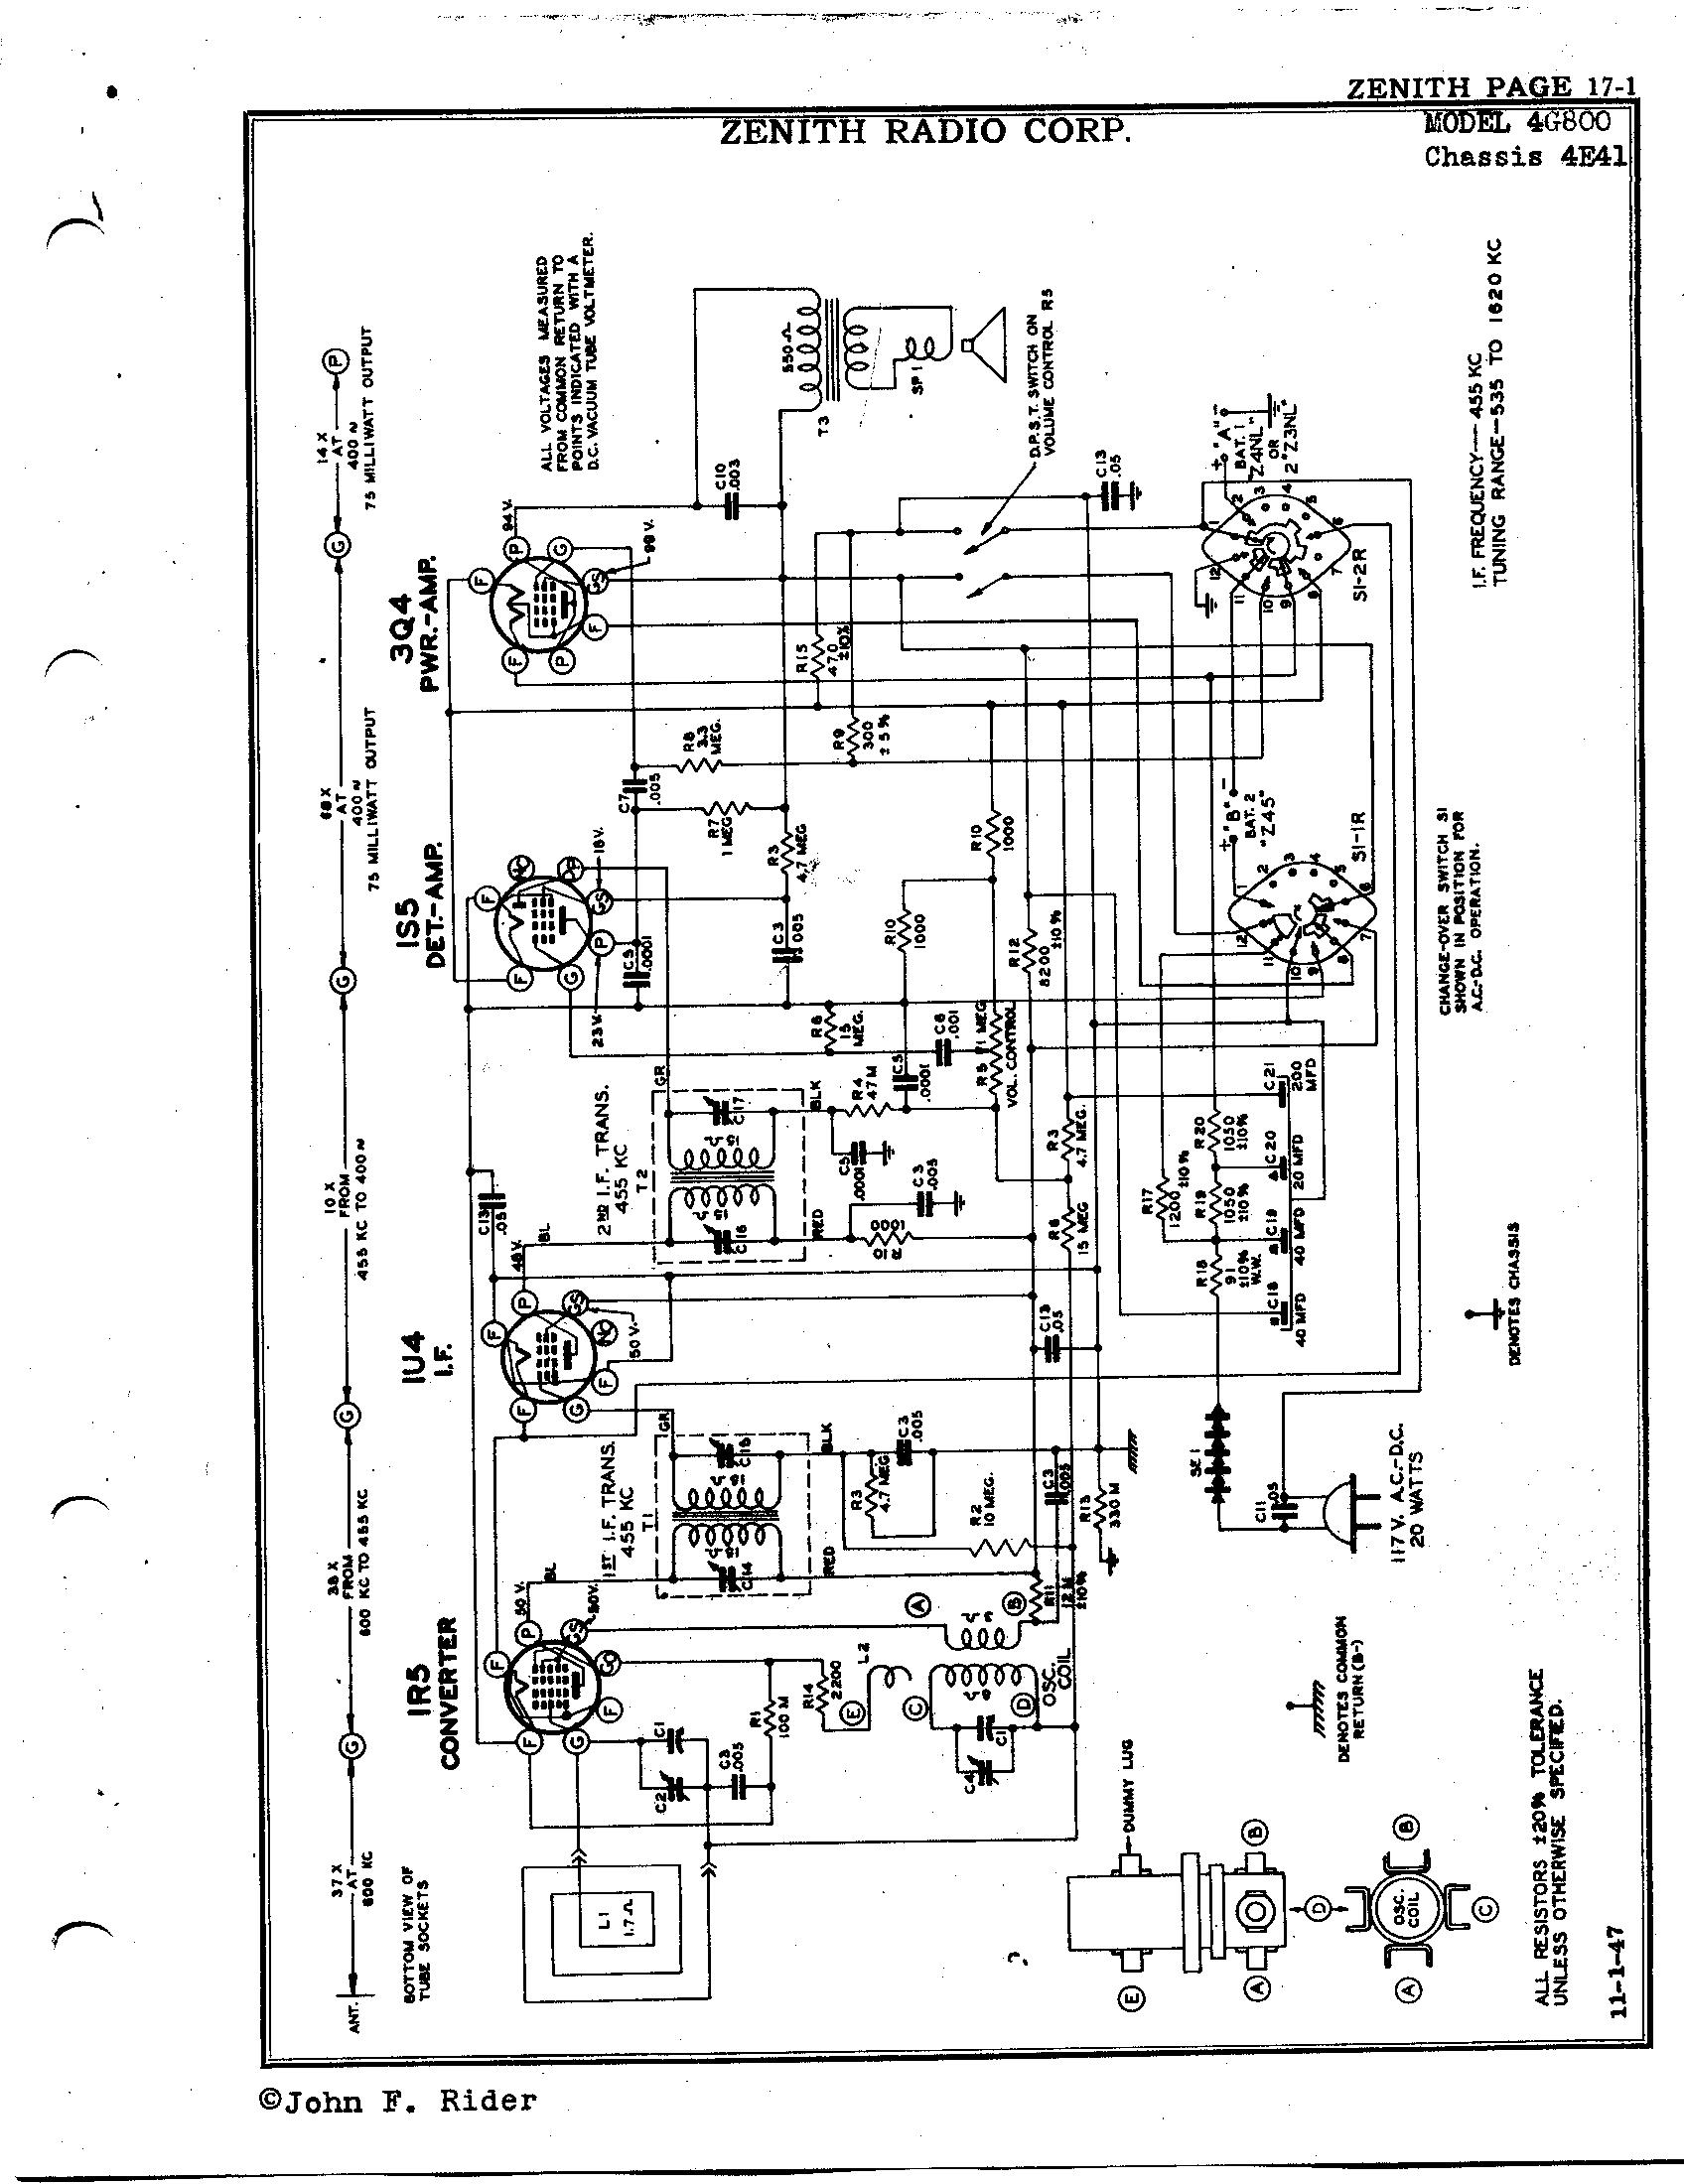 Zenith Radio Corp 4g800